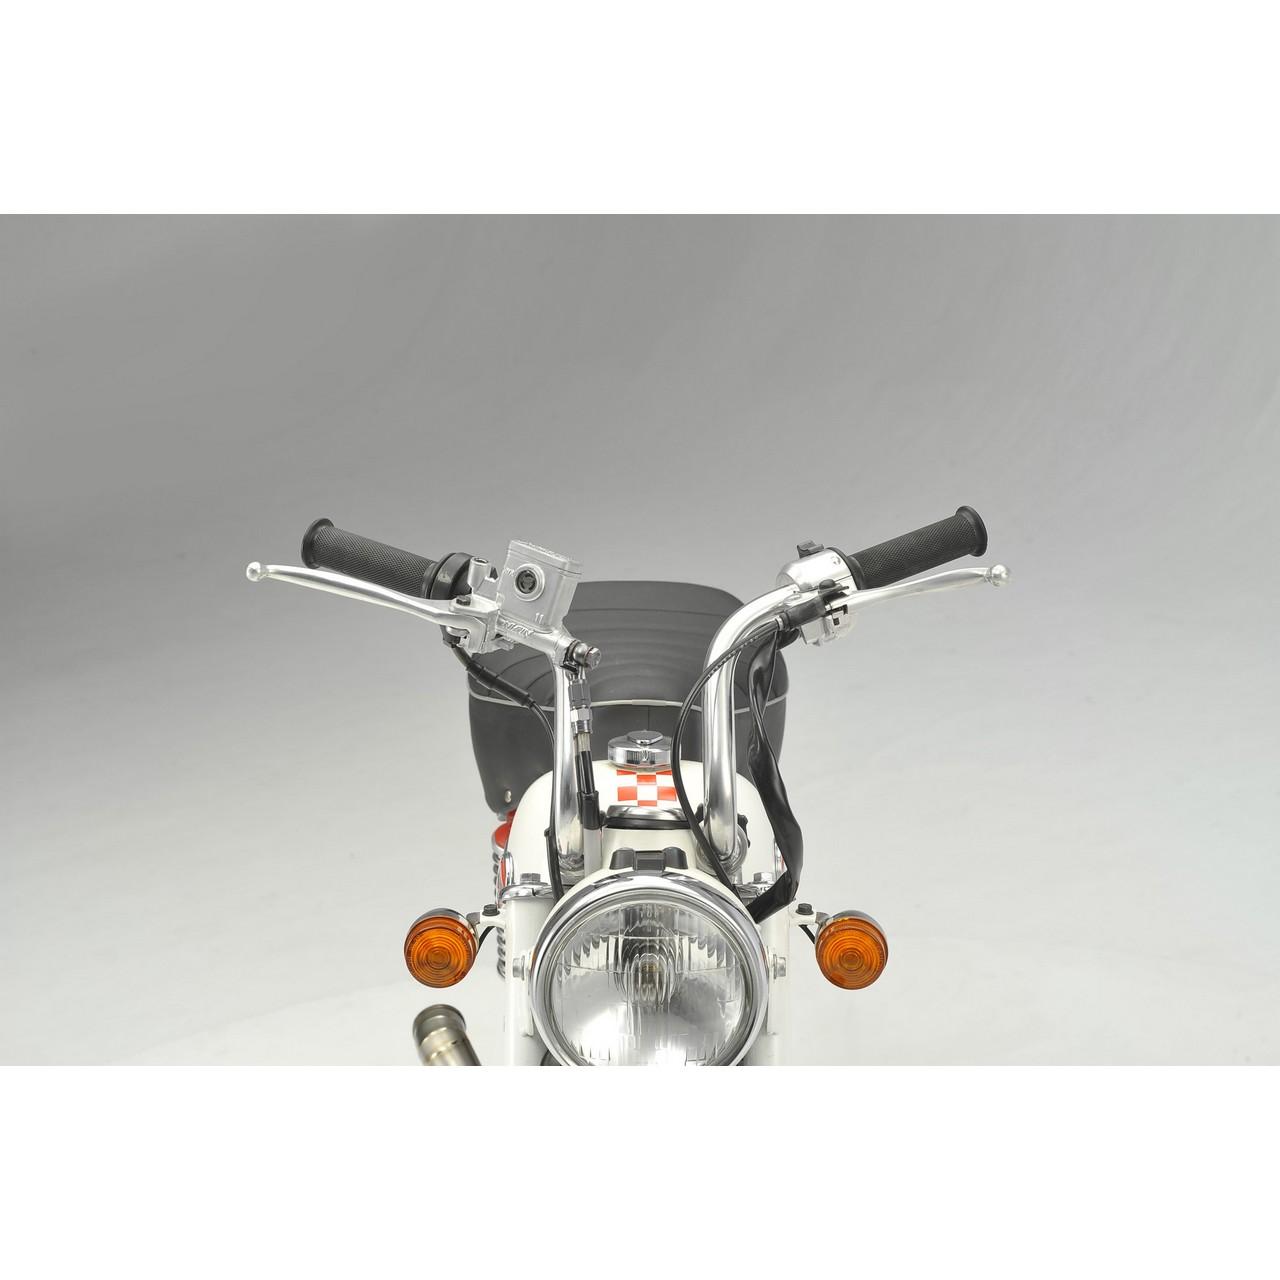 【G-Craft】鋁合金折疊式把手(短版) - 「Webike-摩托百貨」